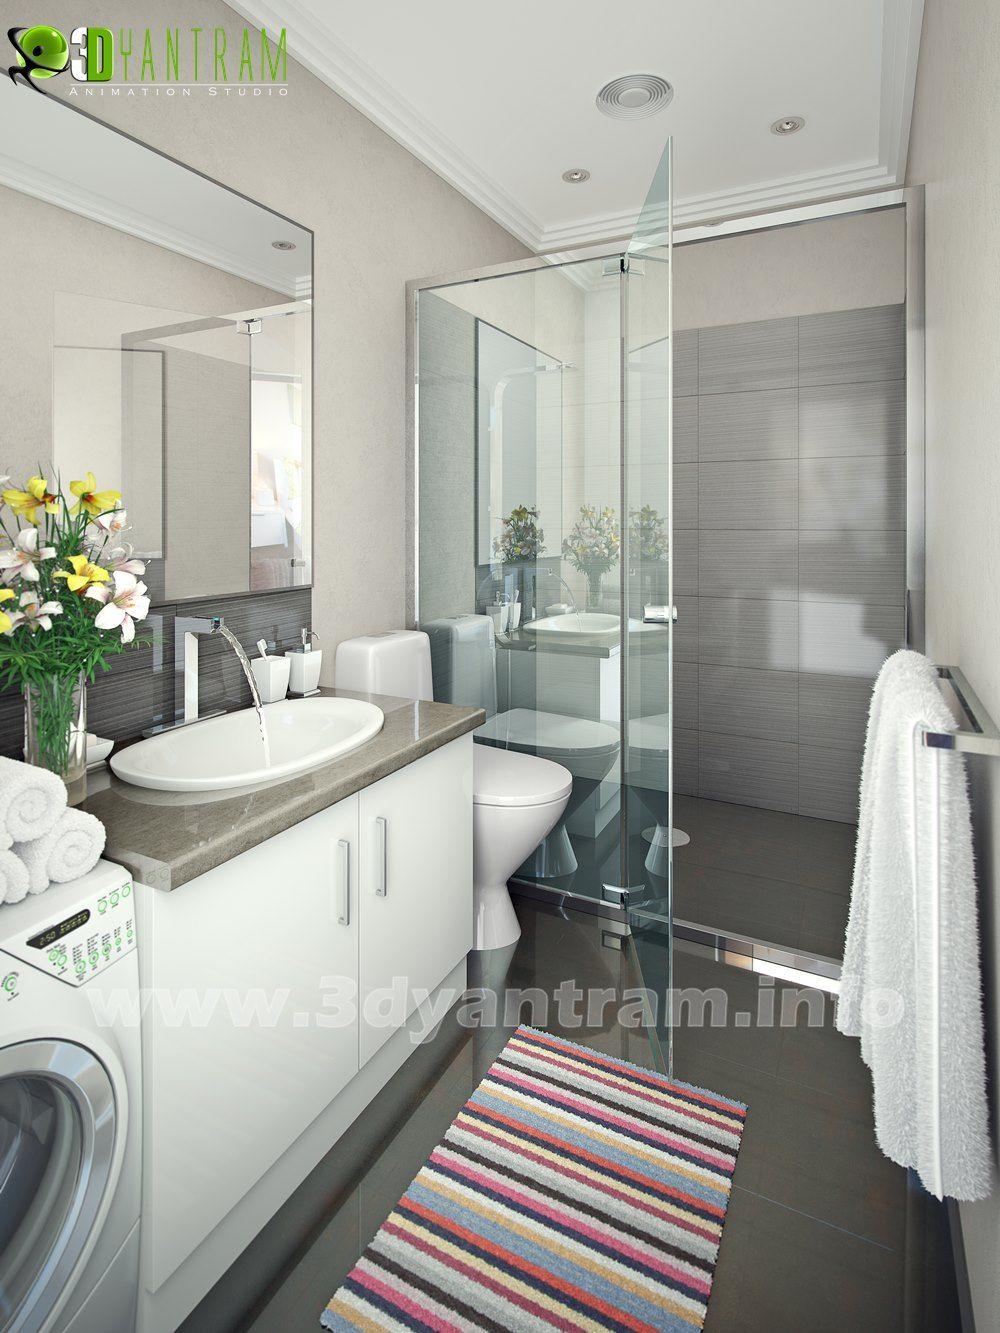 Bathroom Interior Design Studio Chennai India